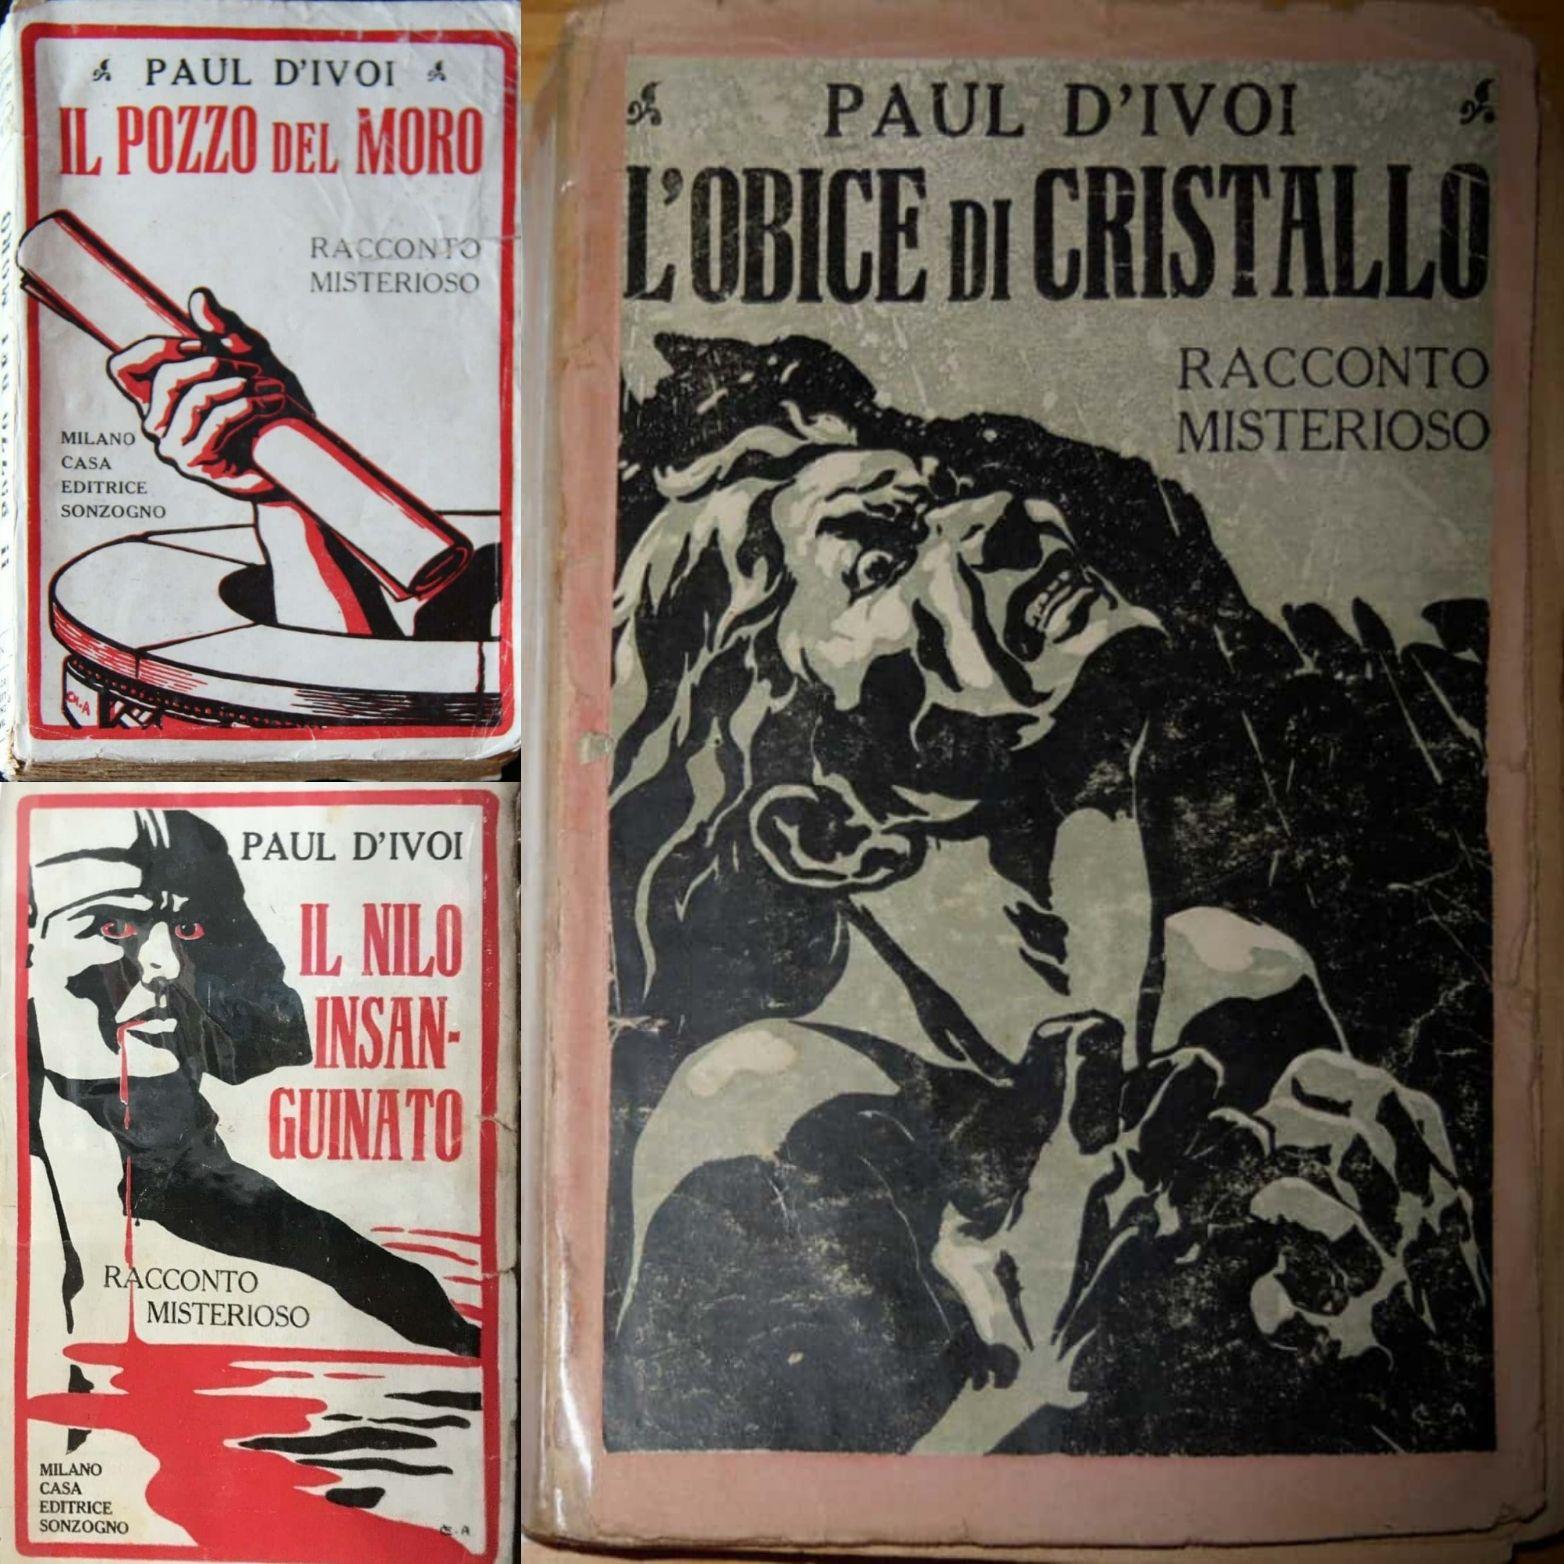 Un consiglio per il collezionista: completare la trilogia di Paul d'Ivoi!